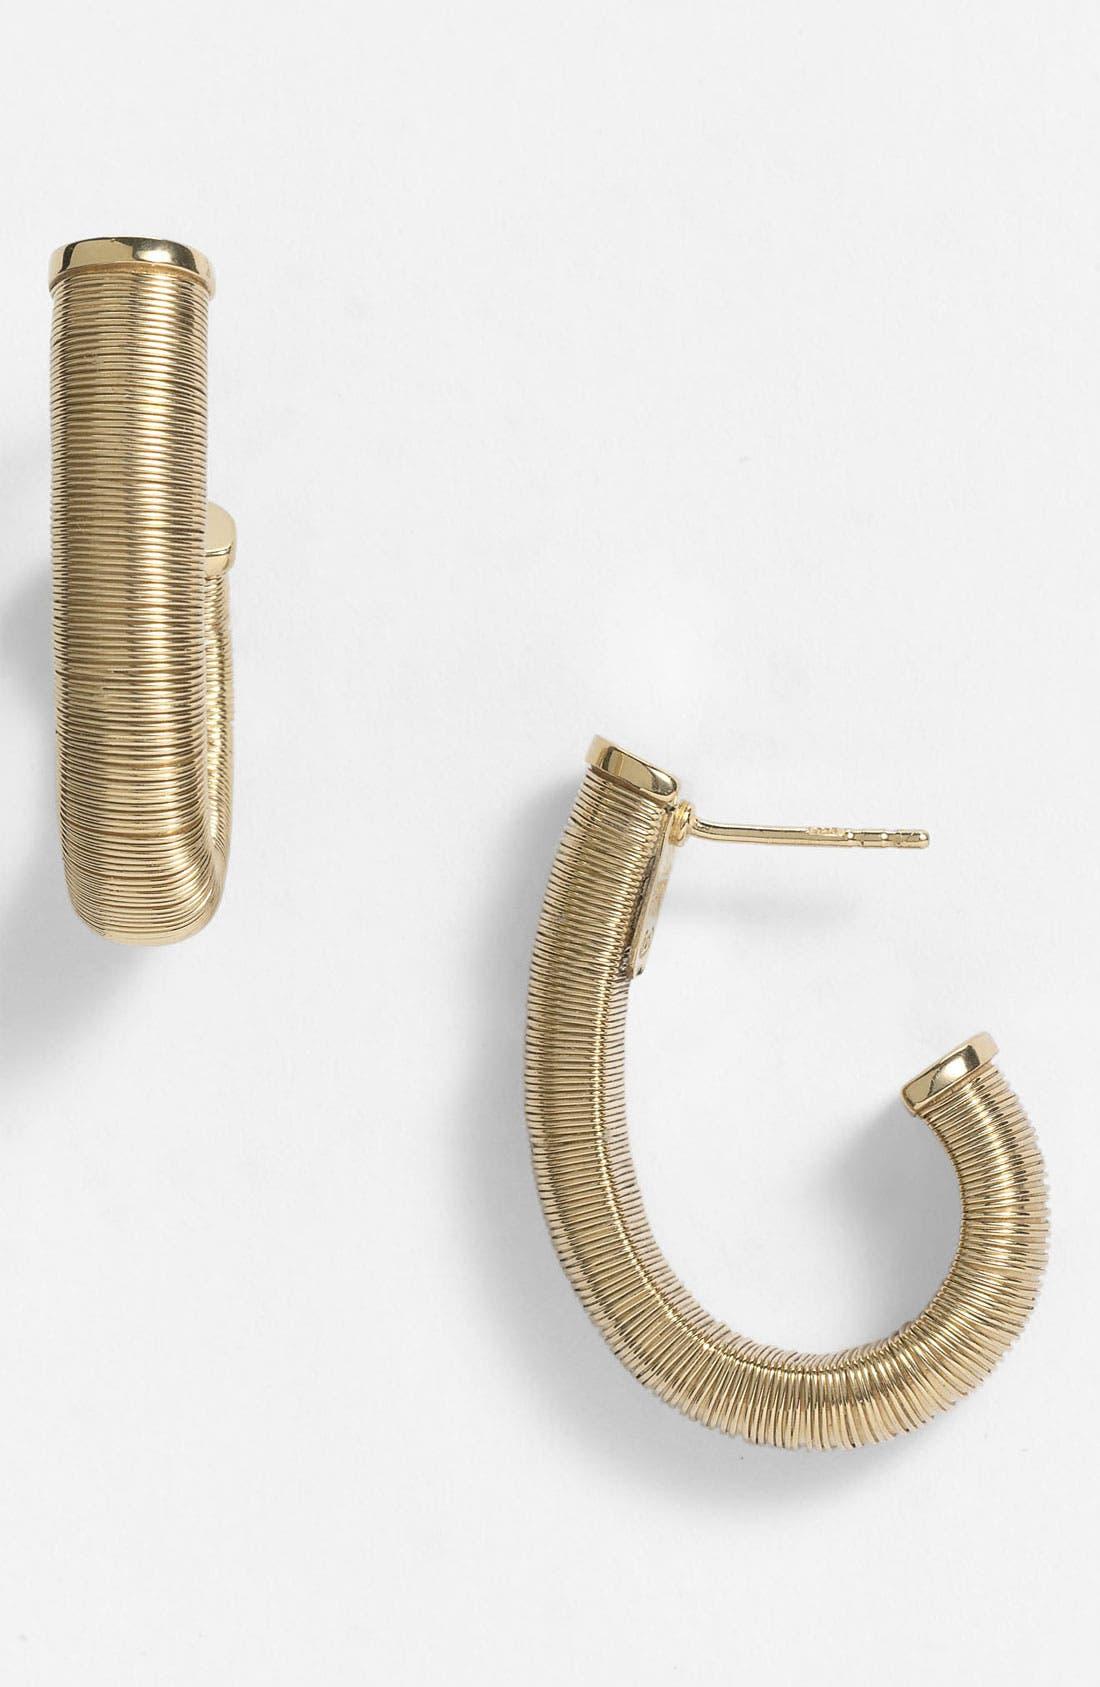 Alternate Image 1 Selected - Adami & Martucci 'Seta' Hoop Earrings (Nordstrom Exclusive)